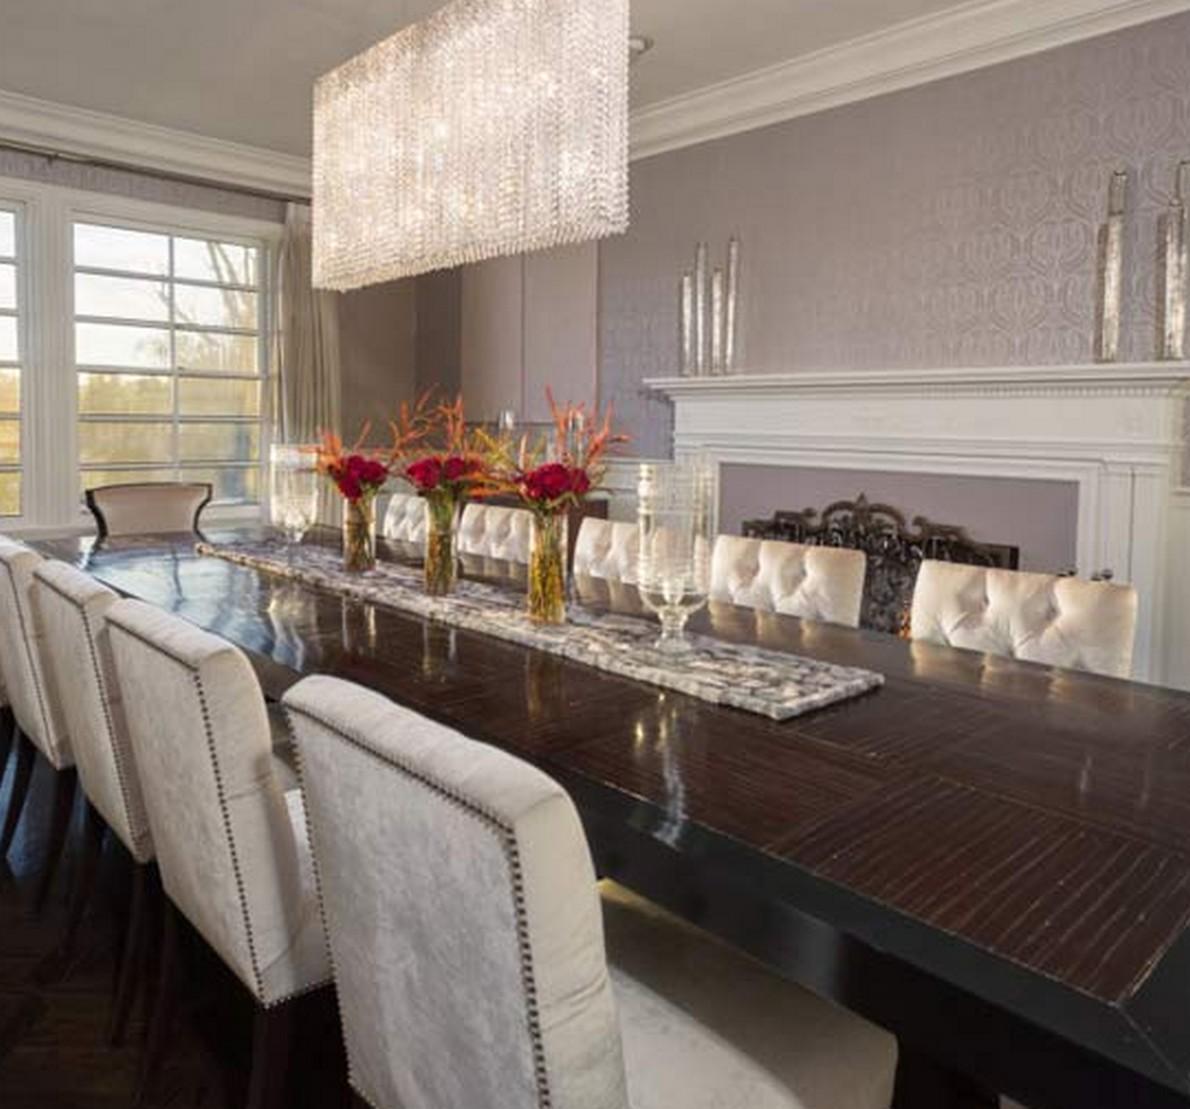 In vendita a 12 5 milioni di dollari la casa californiana for Appartamenti da sogno interni